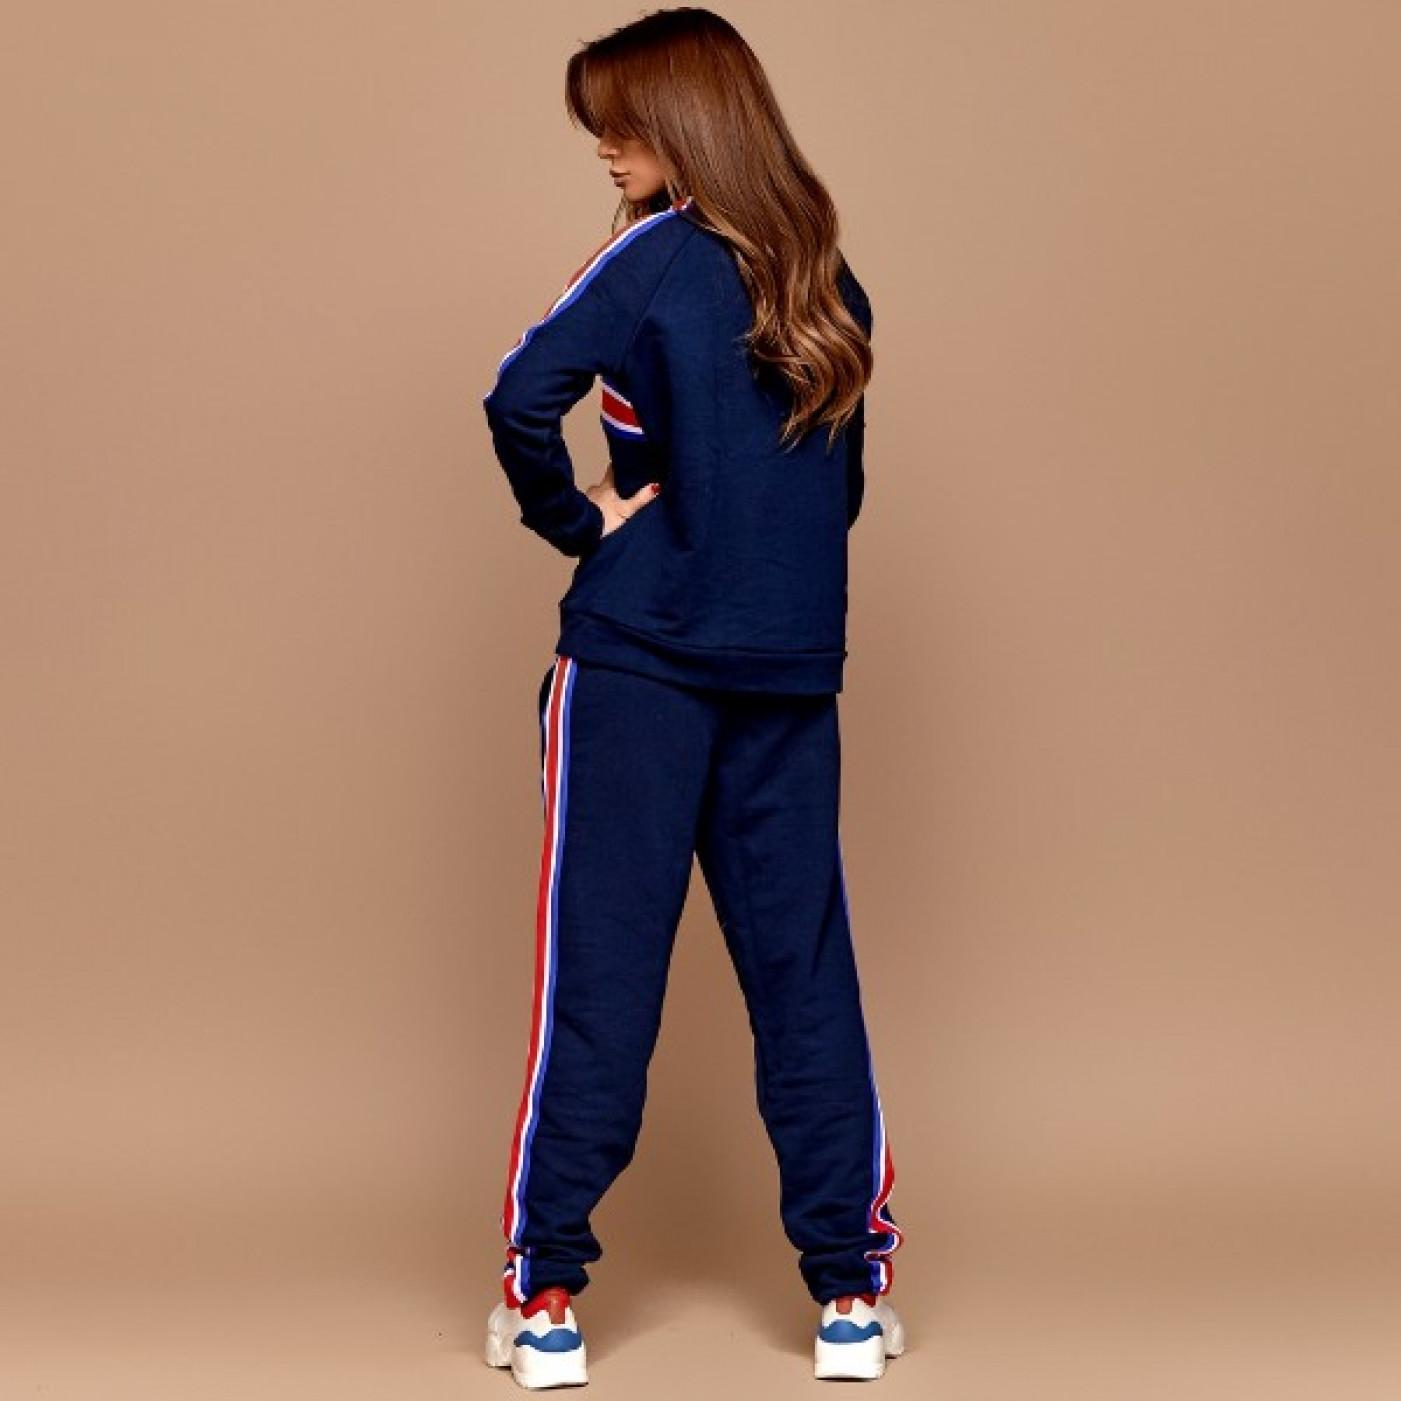 Утеплений жіночий спортивний костюм 11033